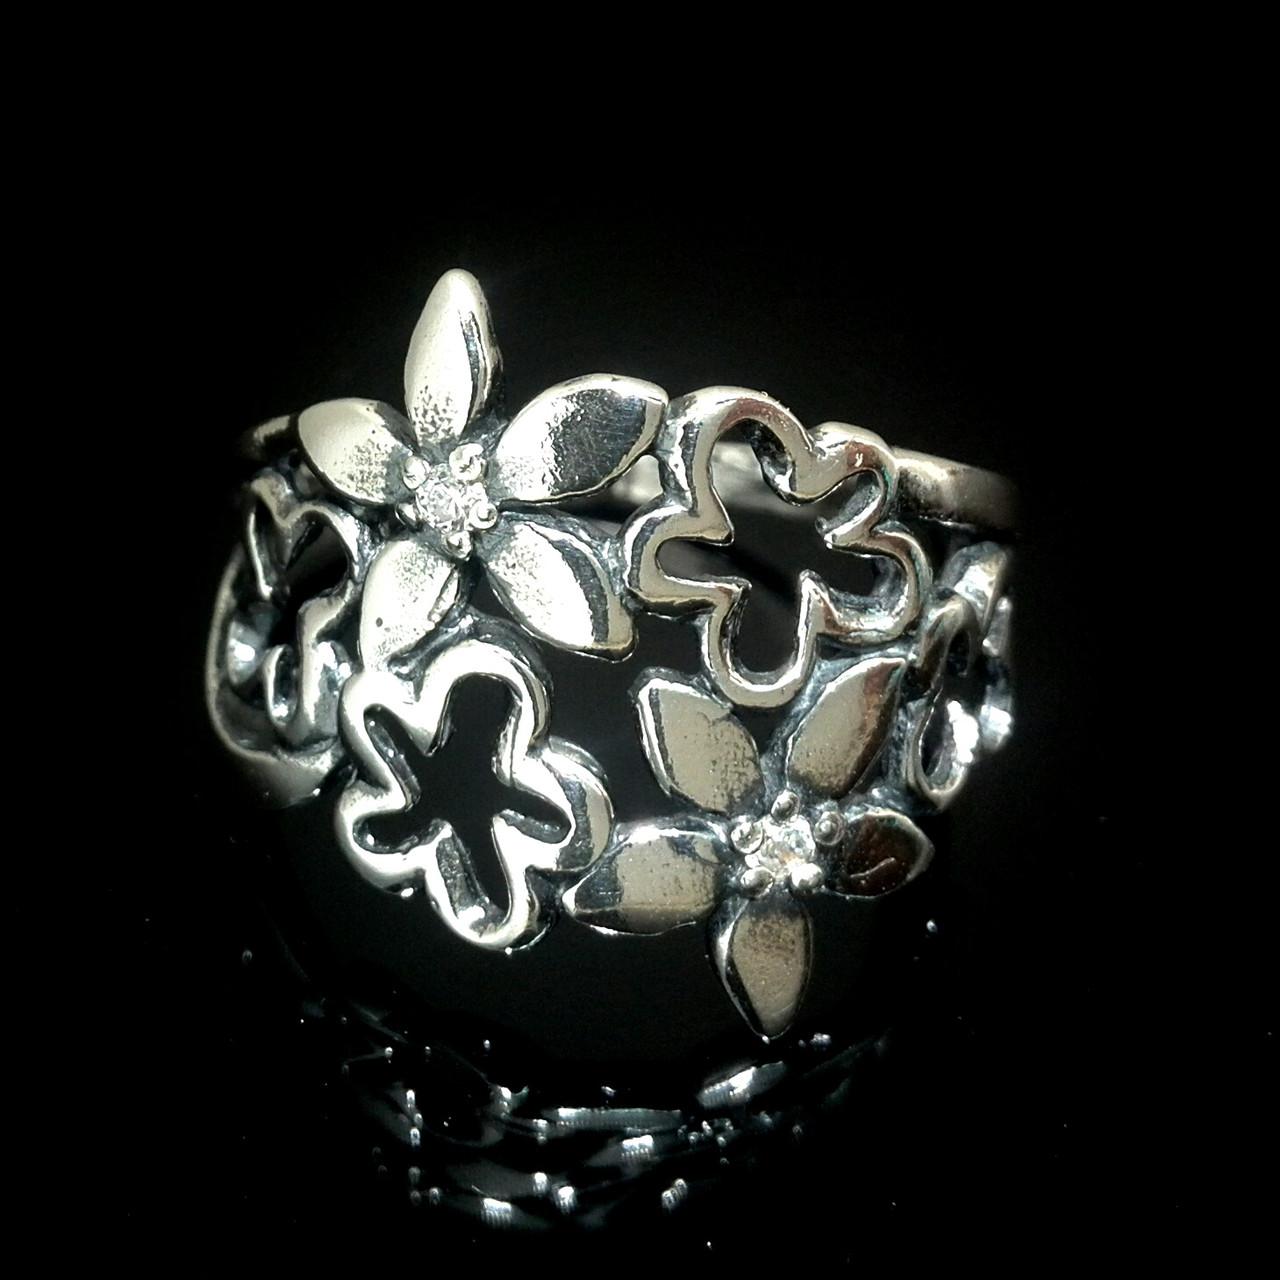 Шикарное серебряное кольцо в виде цветочного букета со вставками из фианита